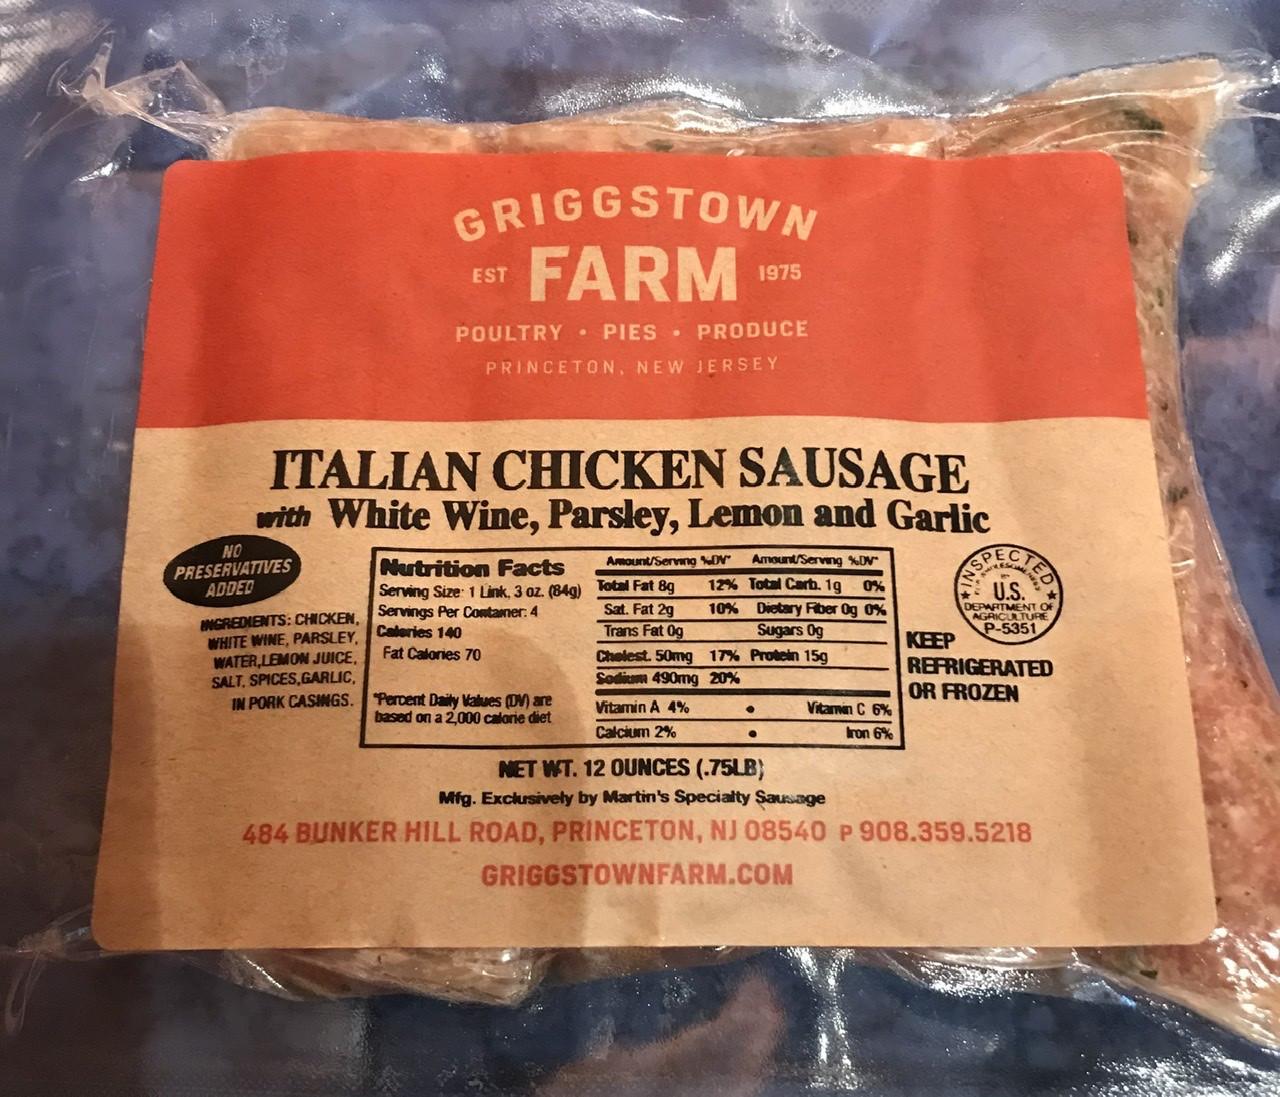 White wine, Parsley, & Garlic Chicken Sausage